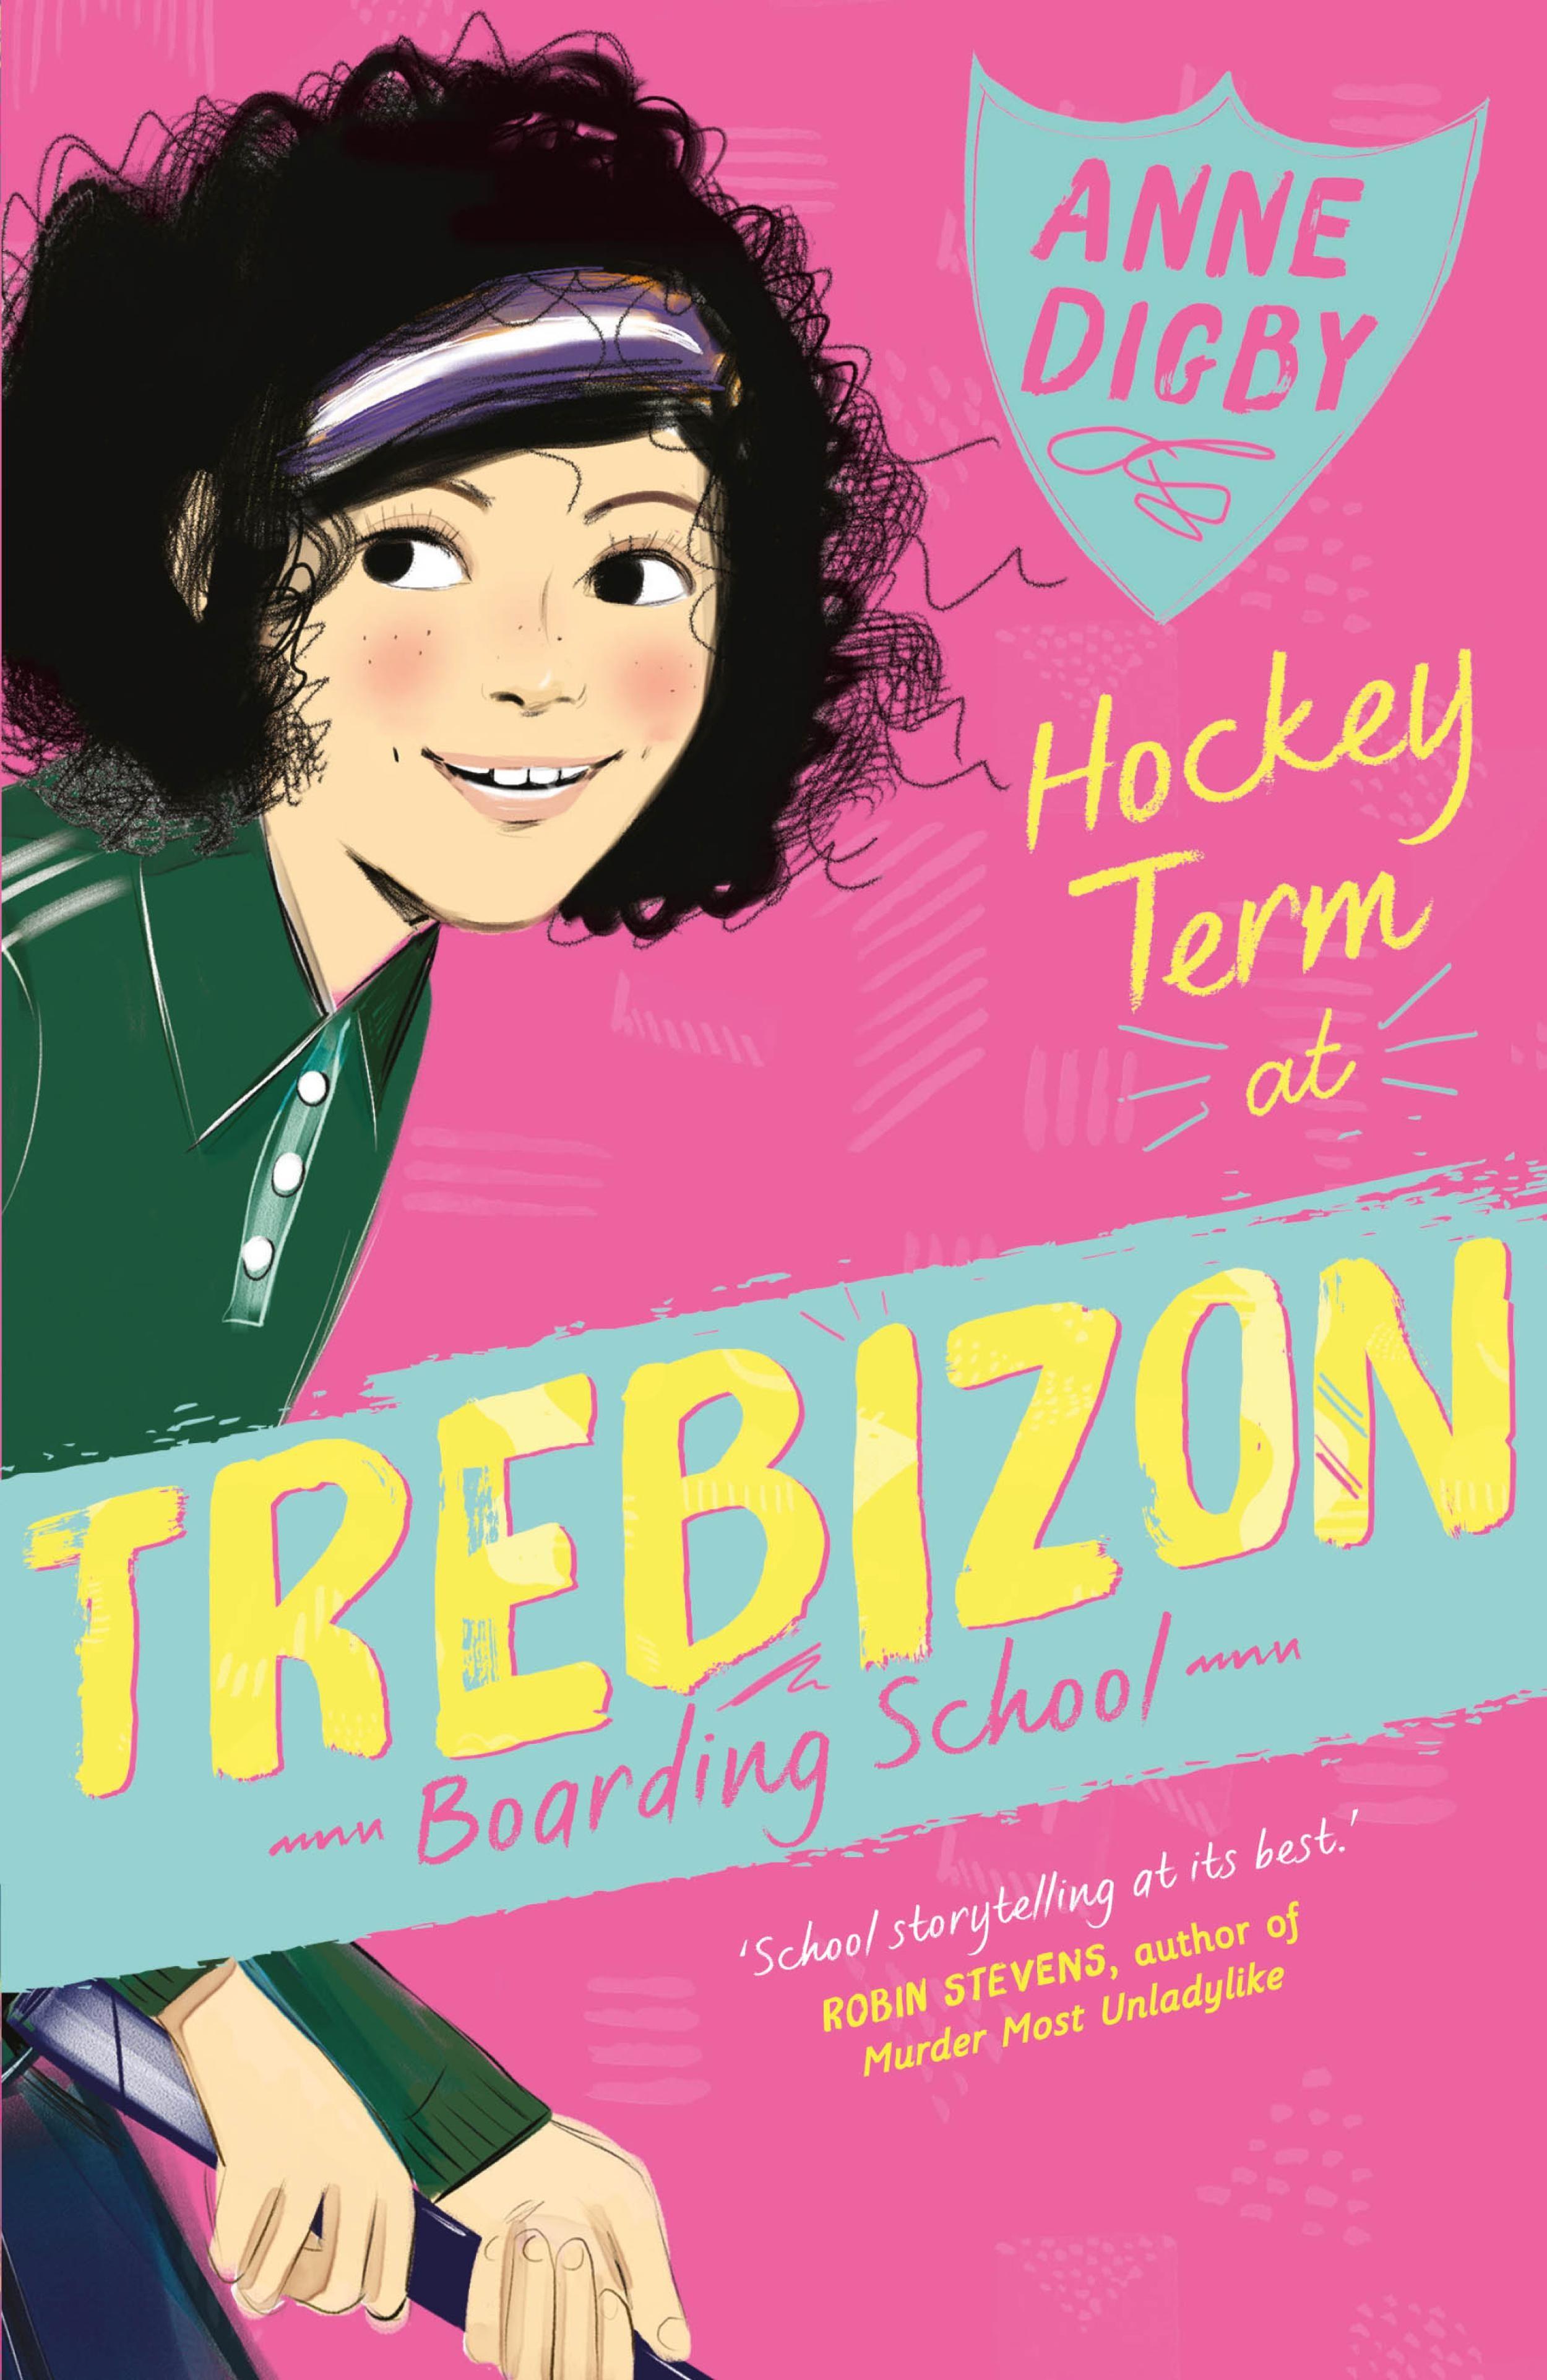 a7702dbac6ef3 Hockey Term At Trebizon (ebook) · Ebooks · El Corte Inglés